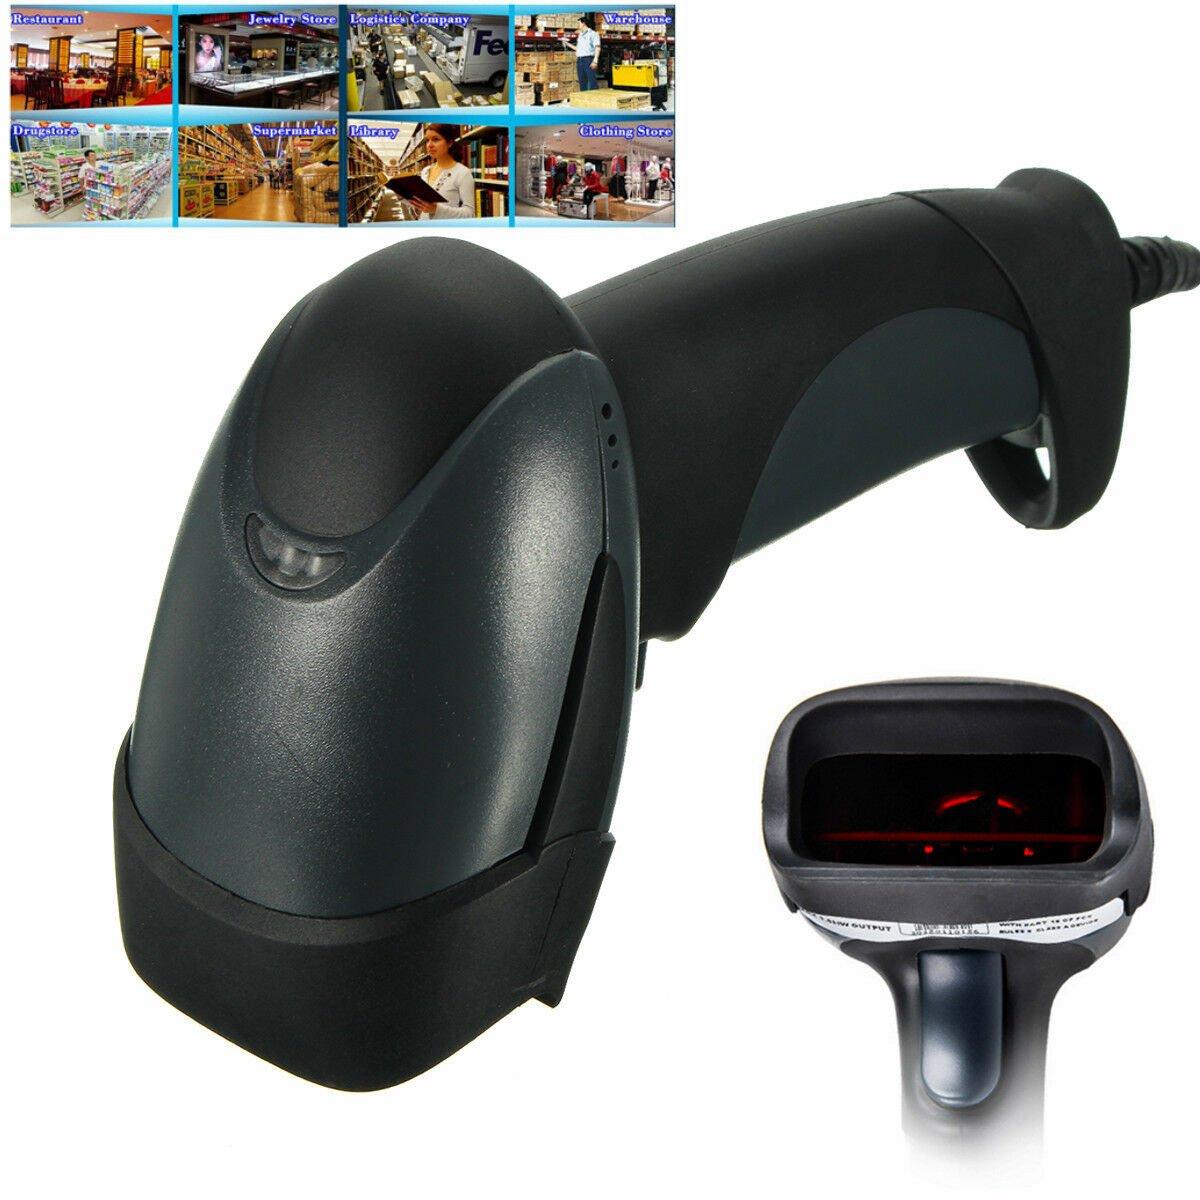 Long Handheld USB Port Laser Barcode Scanner Bar Code Reader For POS Label Shop